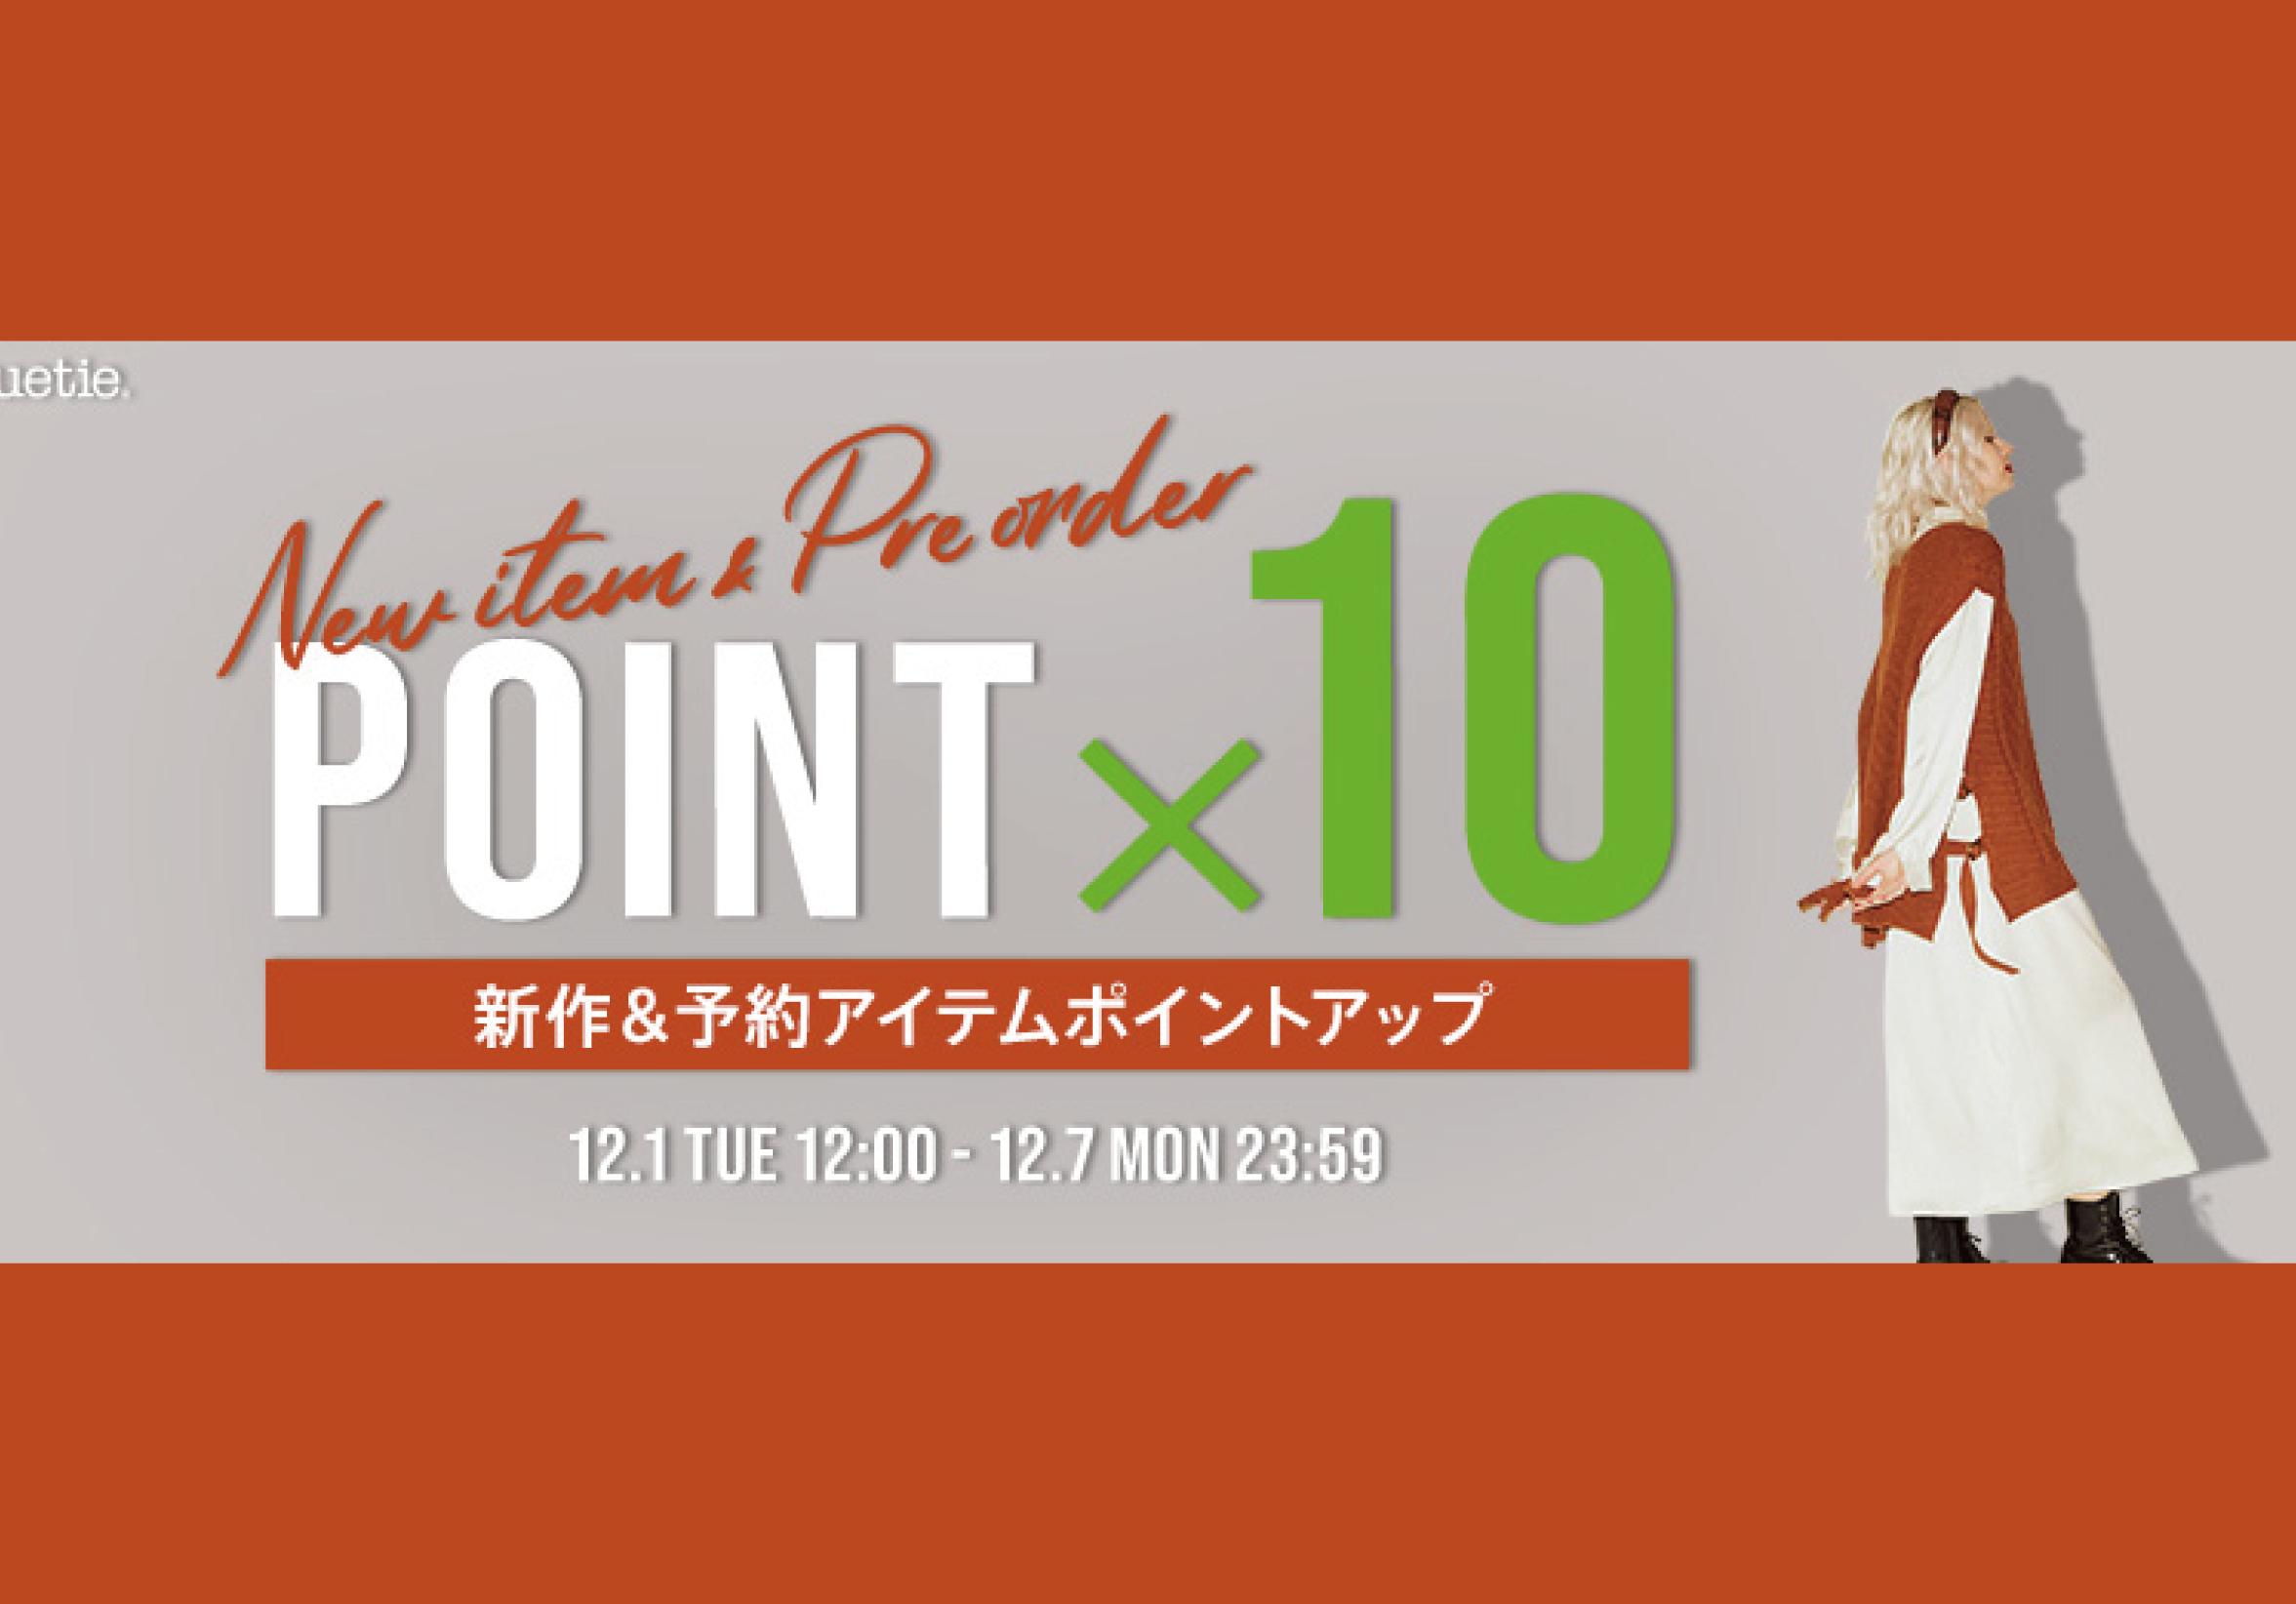 【新作アイテム&予約アイテム POINT×10】